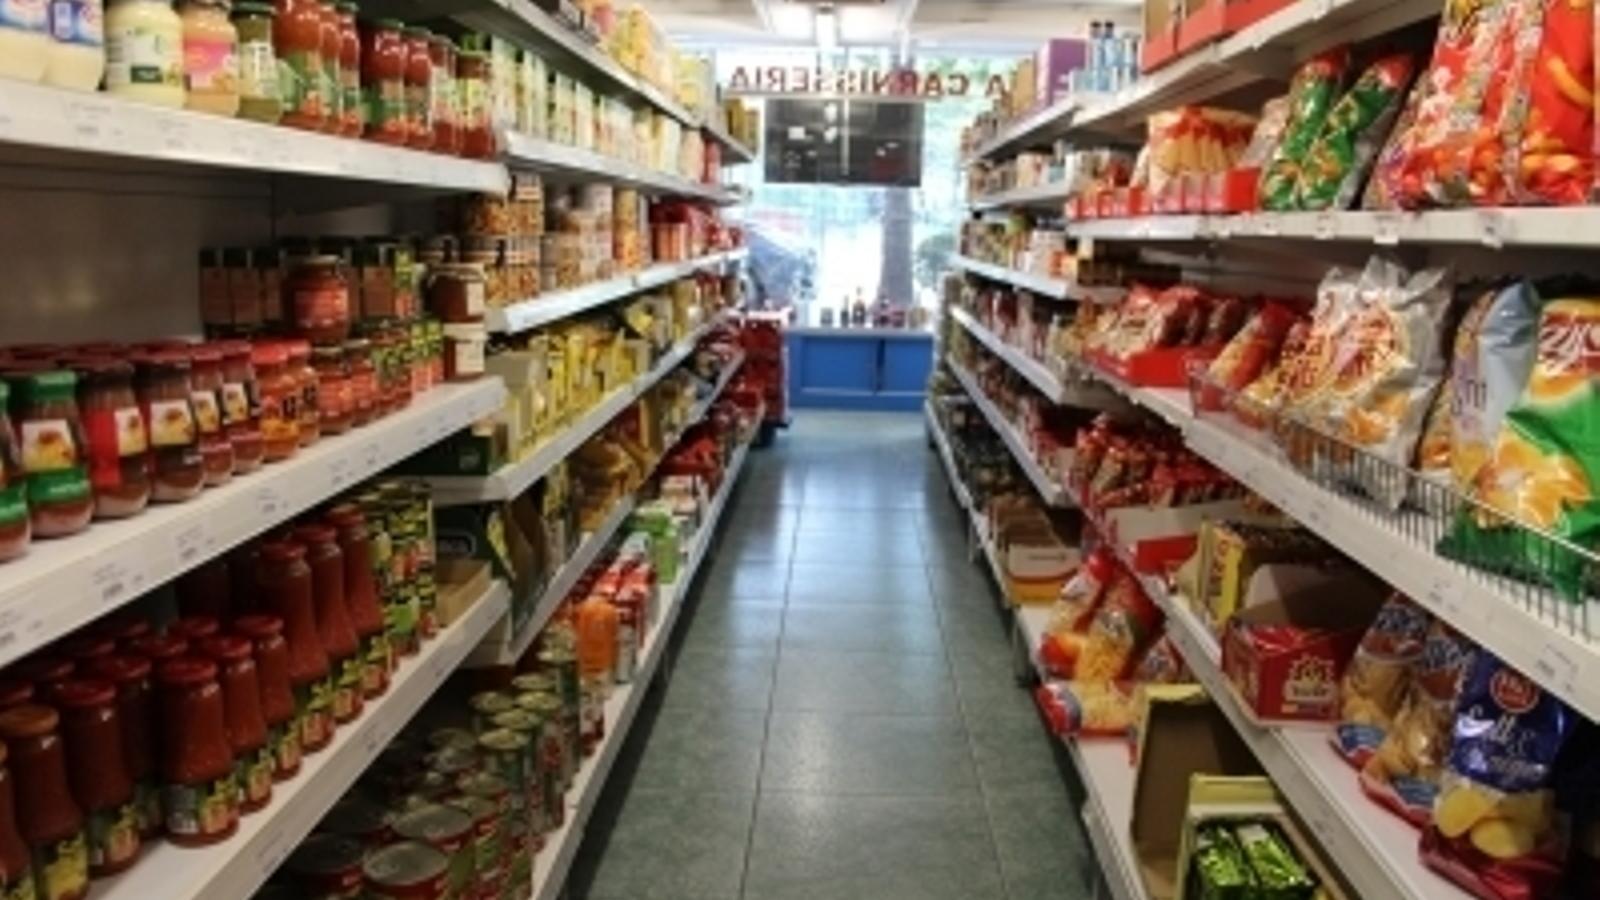 L'alimentació ha contribuït a l'augment de l'IPC al mes de març. / ARXIU ANA